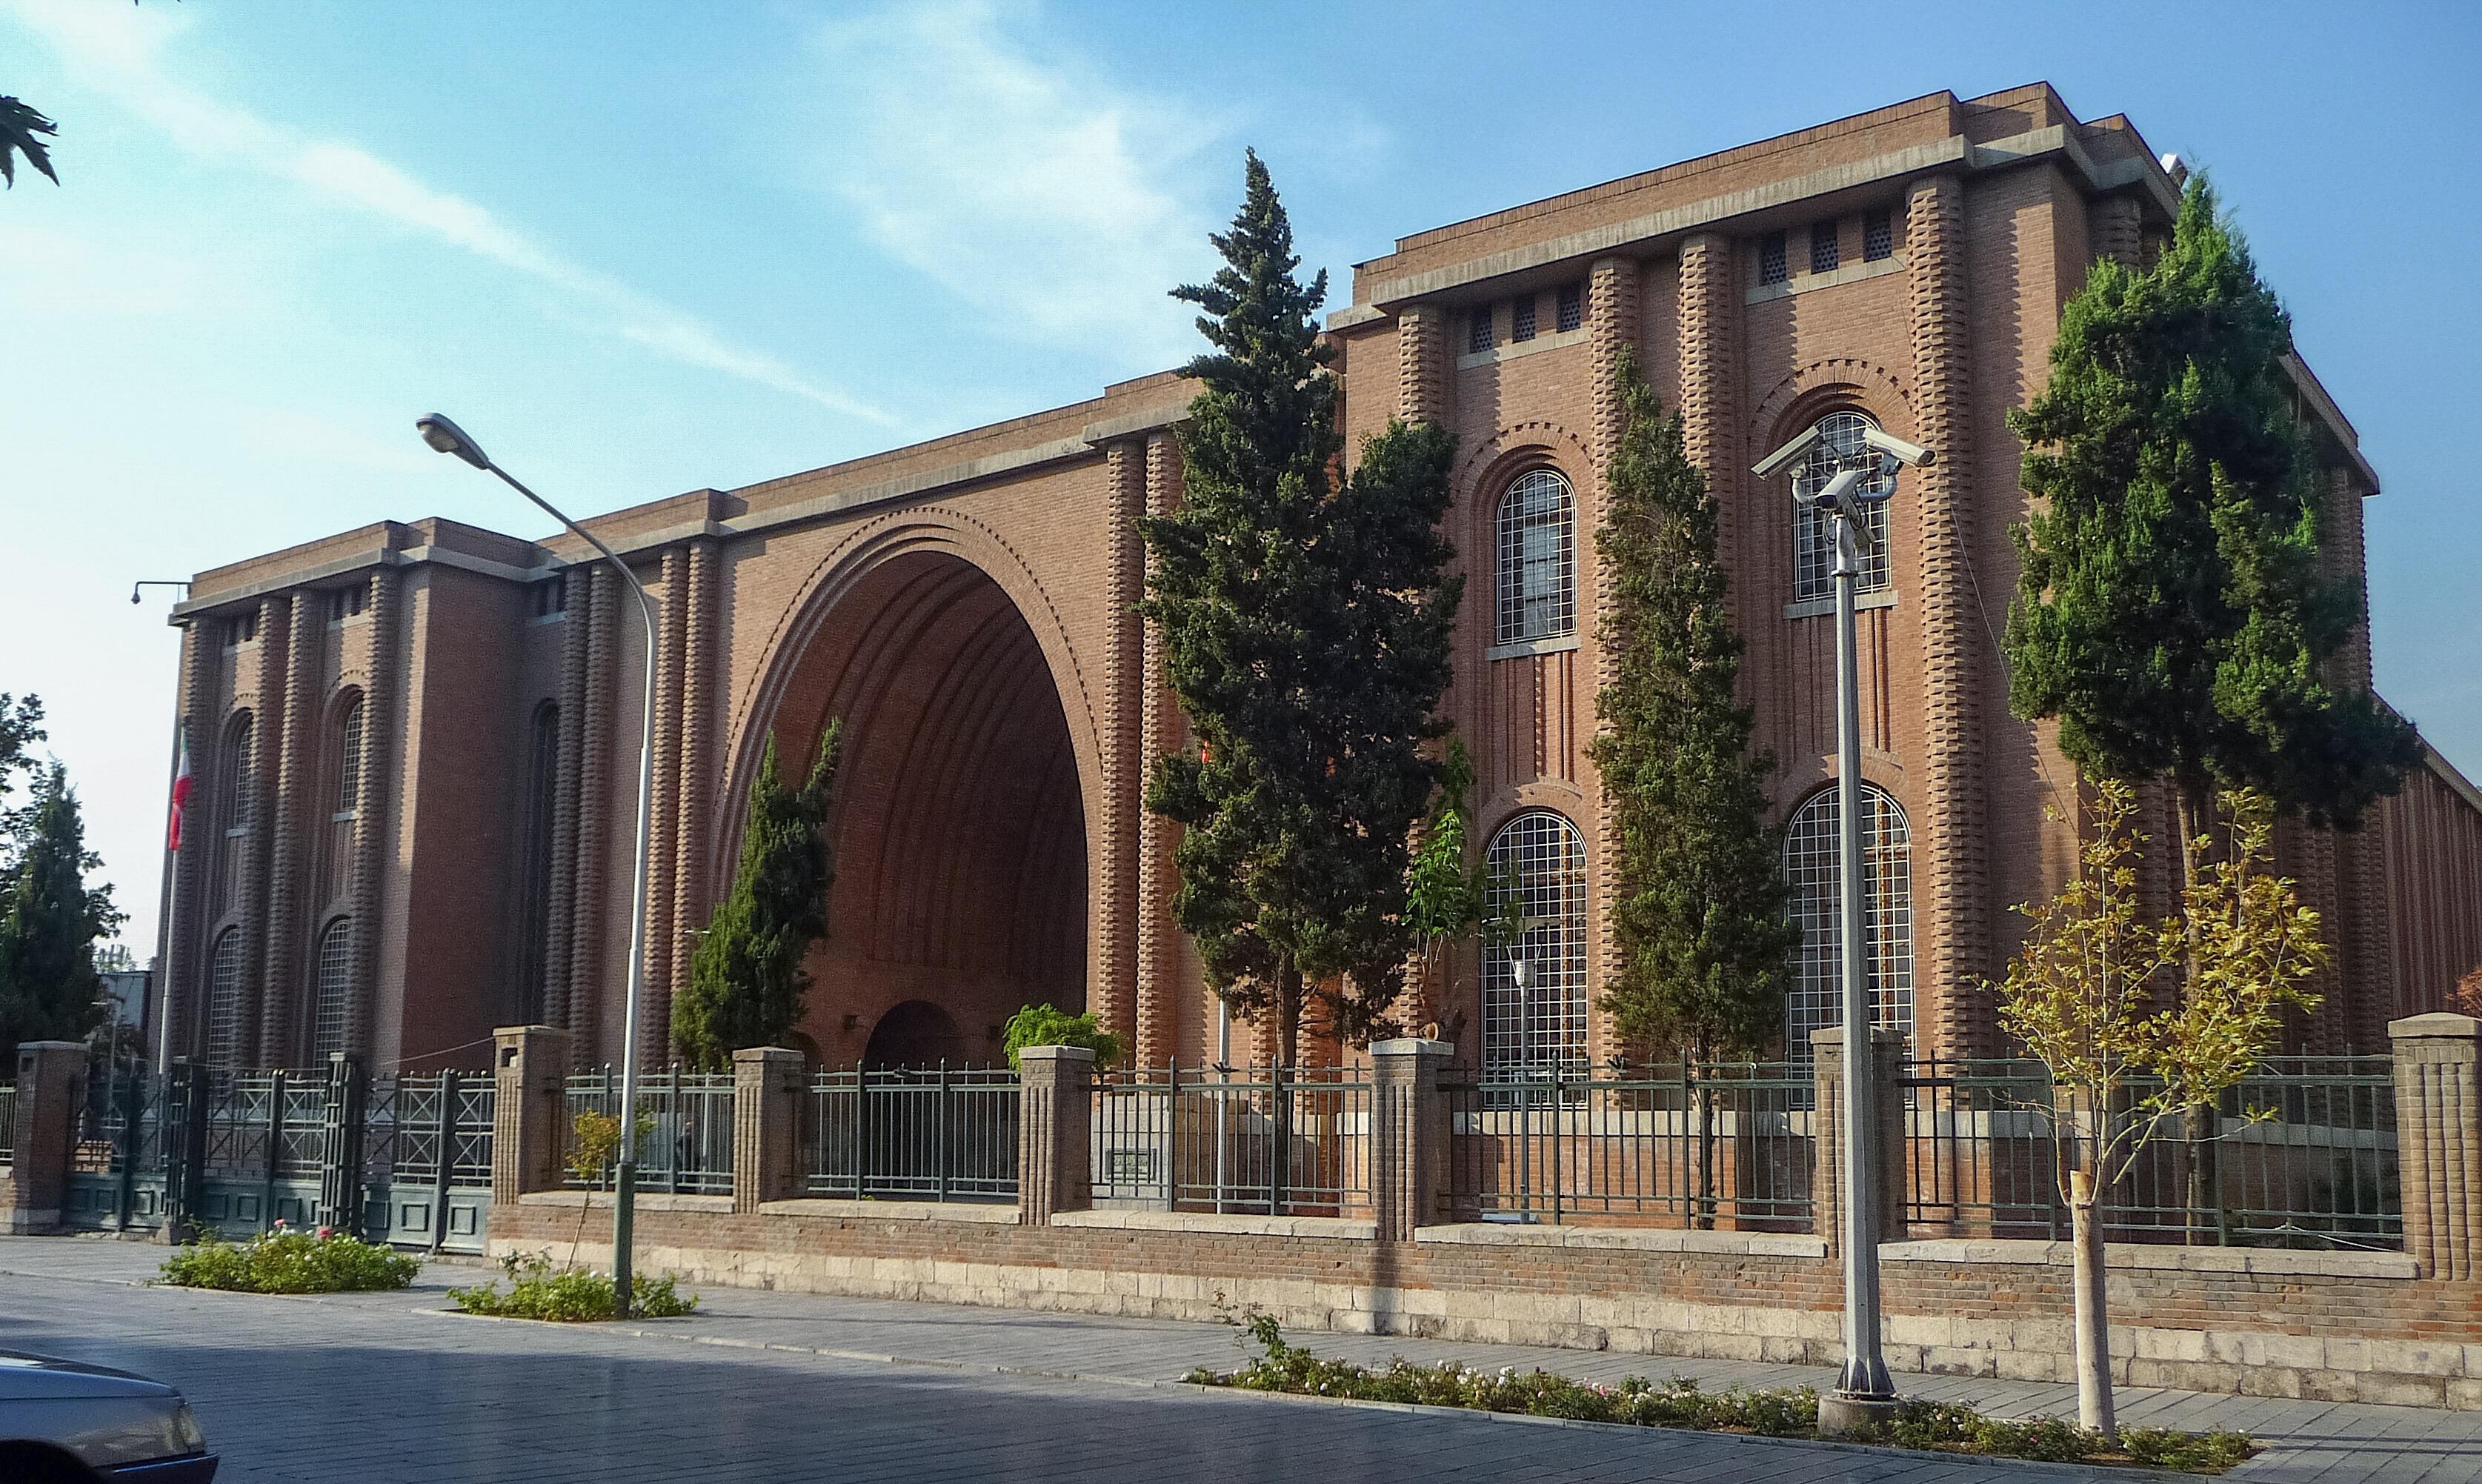 تاریخ تمدن؛ موزه ایران باستان